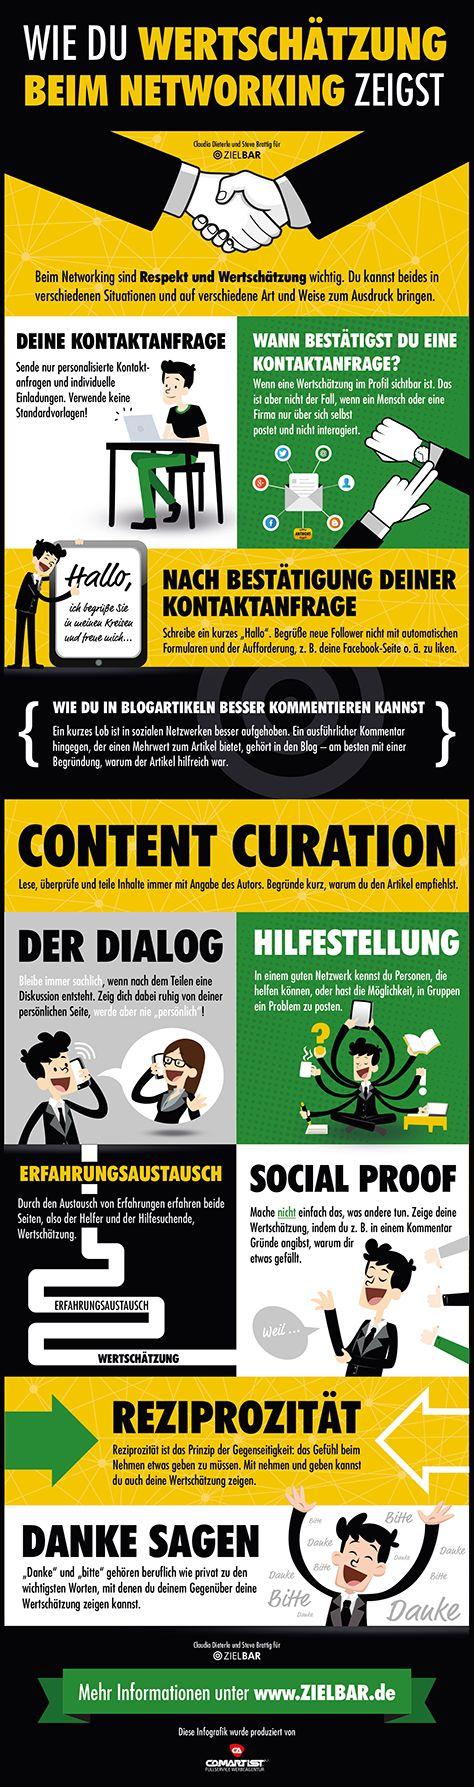 Infografik: Wie du Wertschätzung beim Networking zeigst. Gefunden beim #ccb15